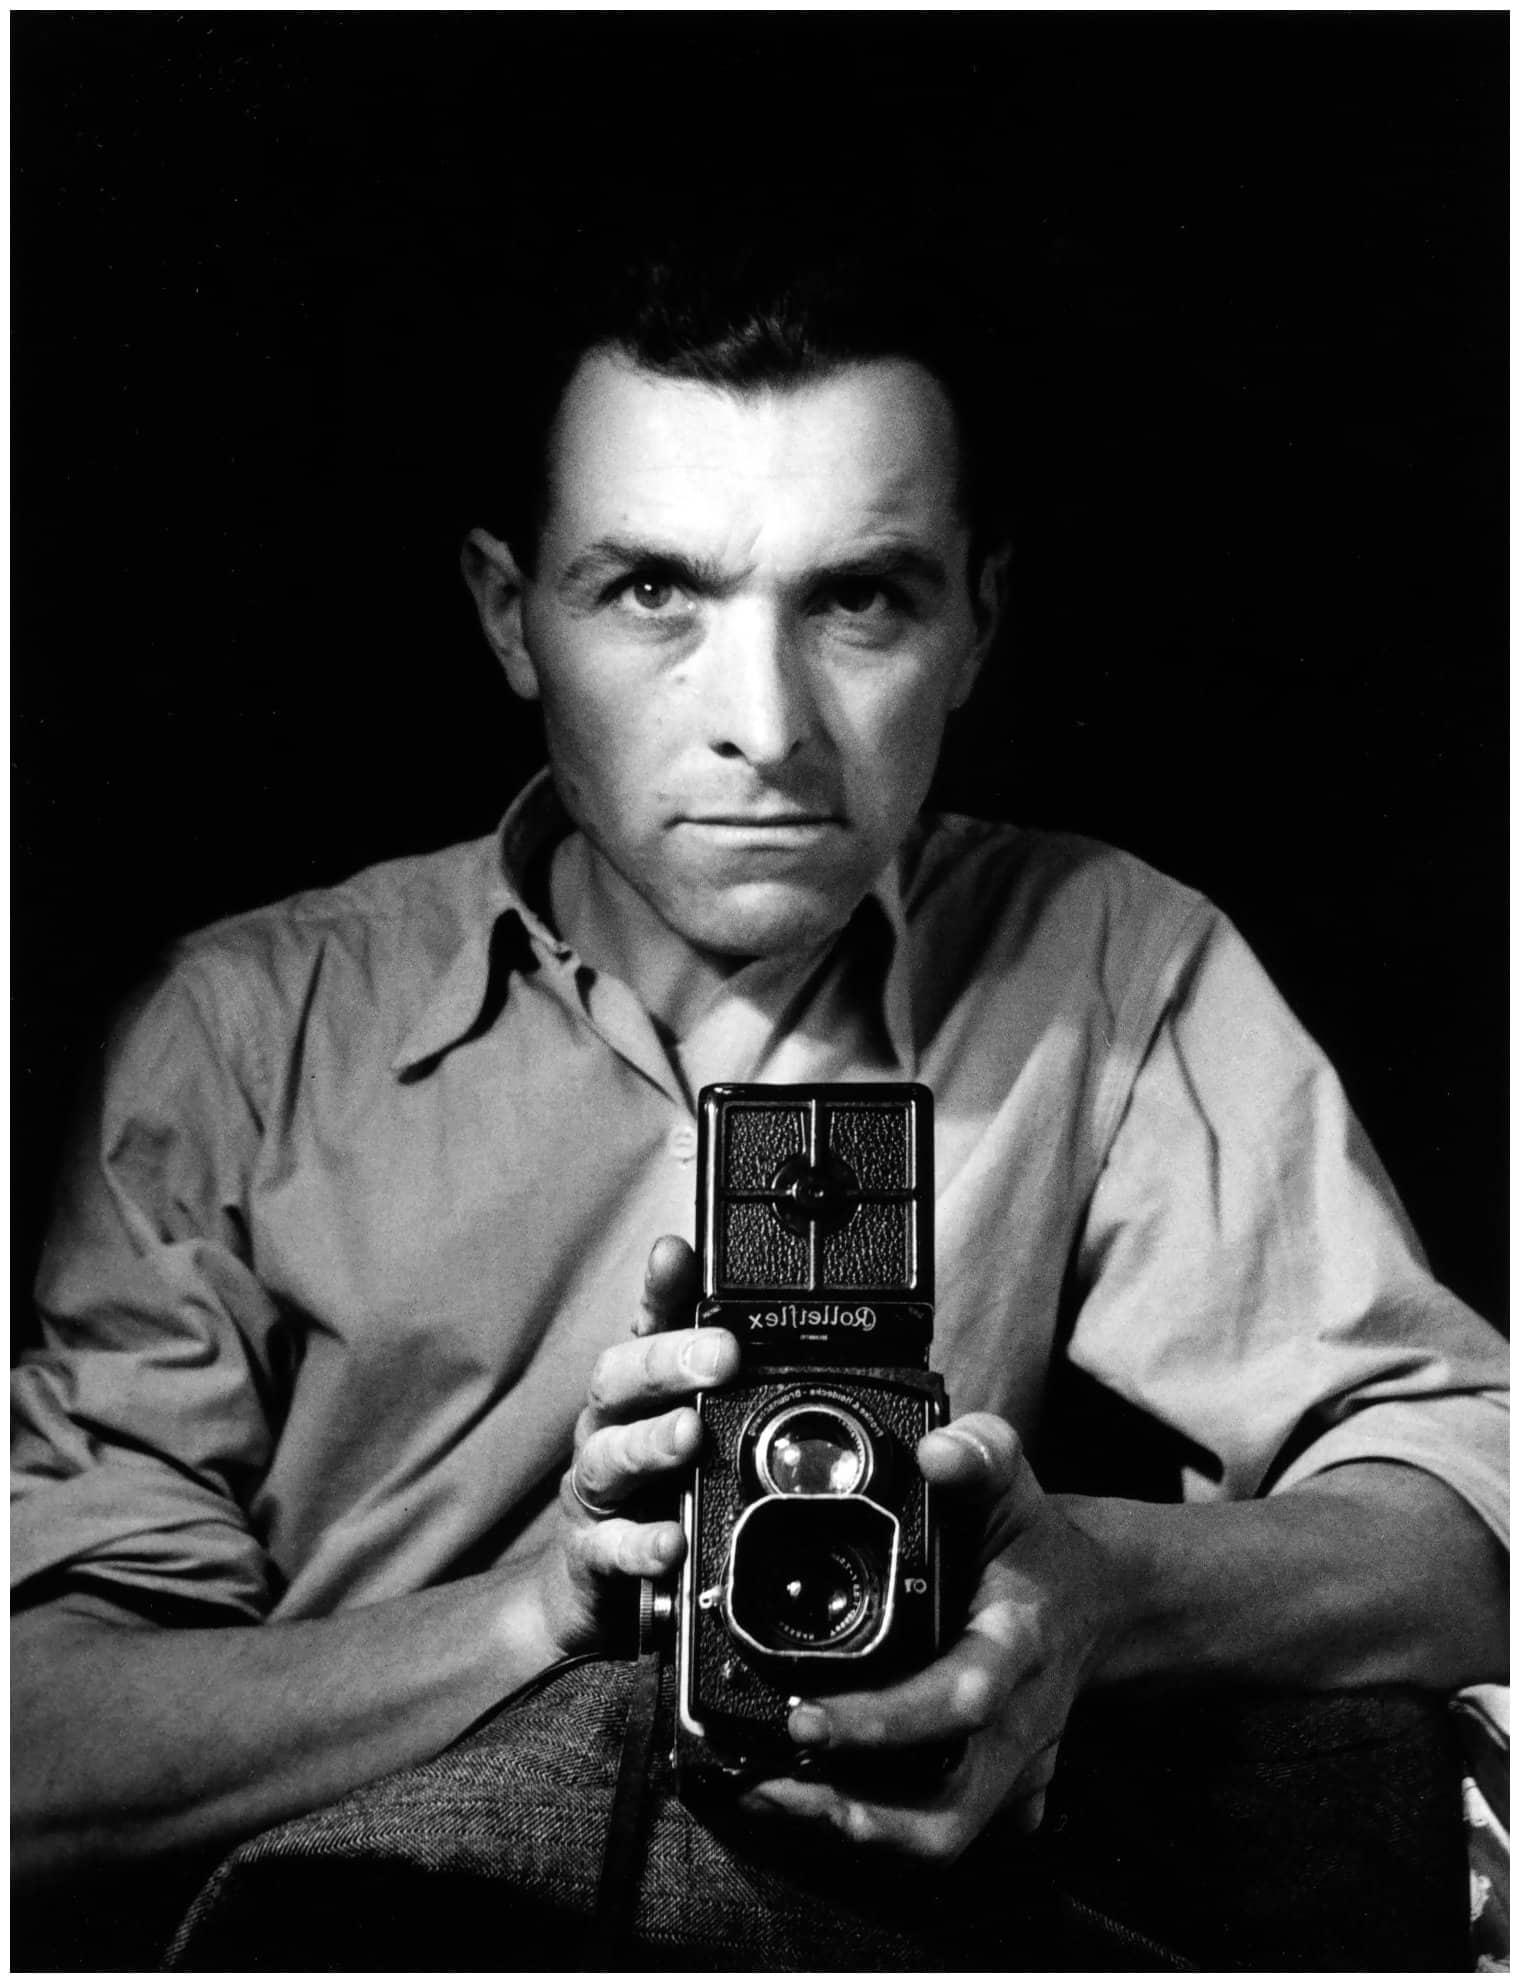 autoritratto fotografico, autoritratto Robert Doisneau, Robert Doisneau